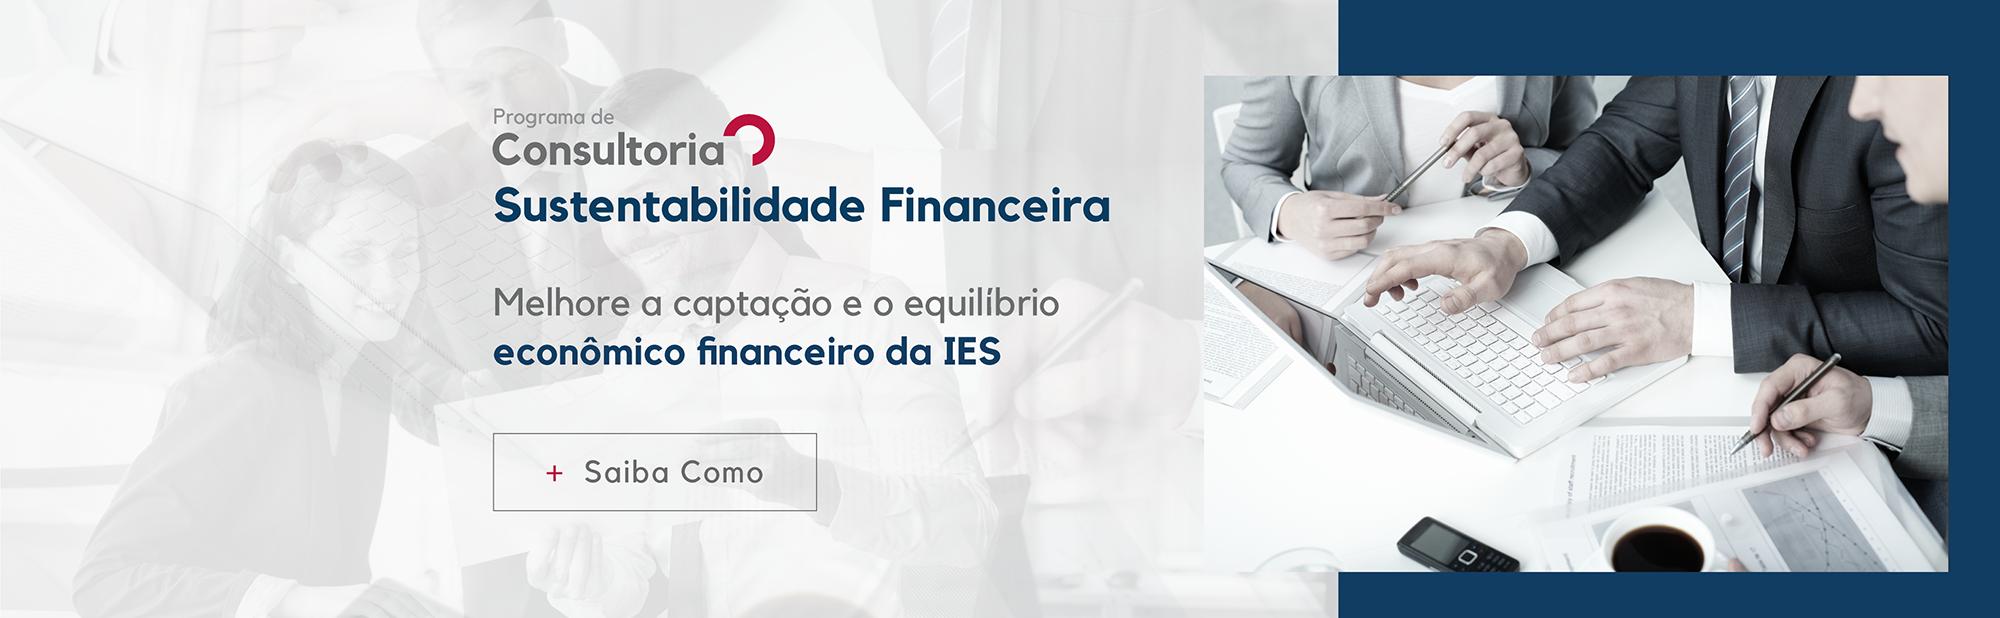 Banner_Sustentabilidade_Financeira-01